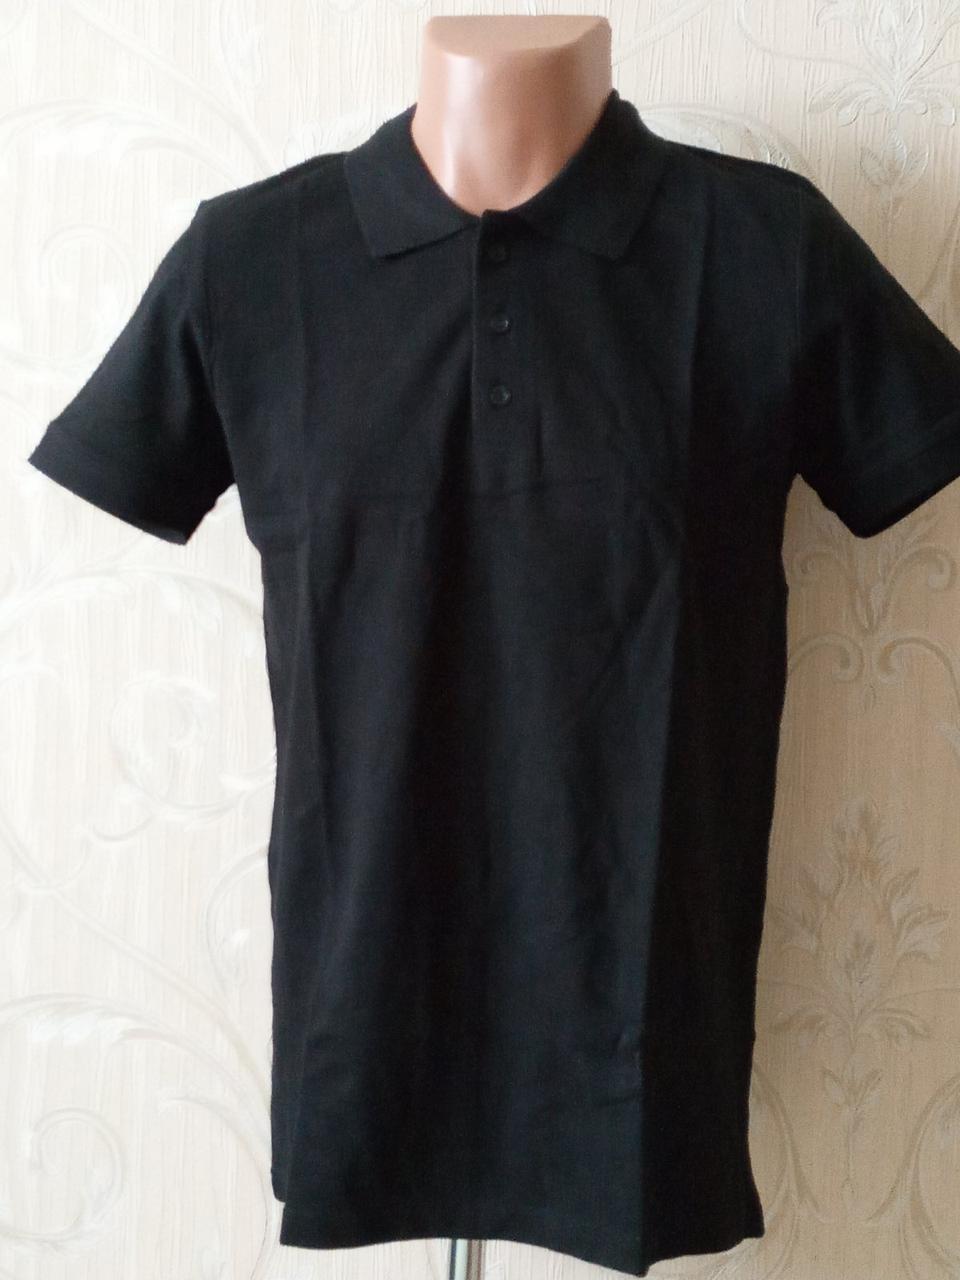 Футболка чоловіча поло з короткими рукавами 100% бавовна Узбекистан розмір L (48-50)